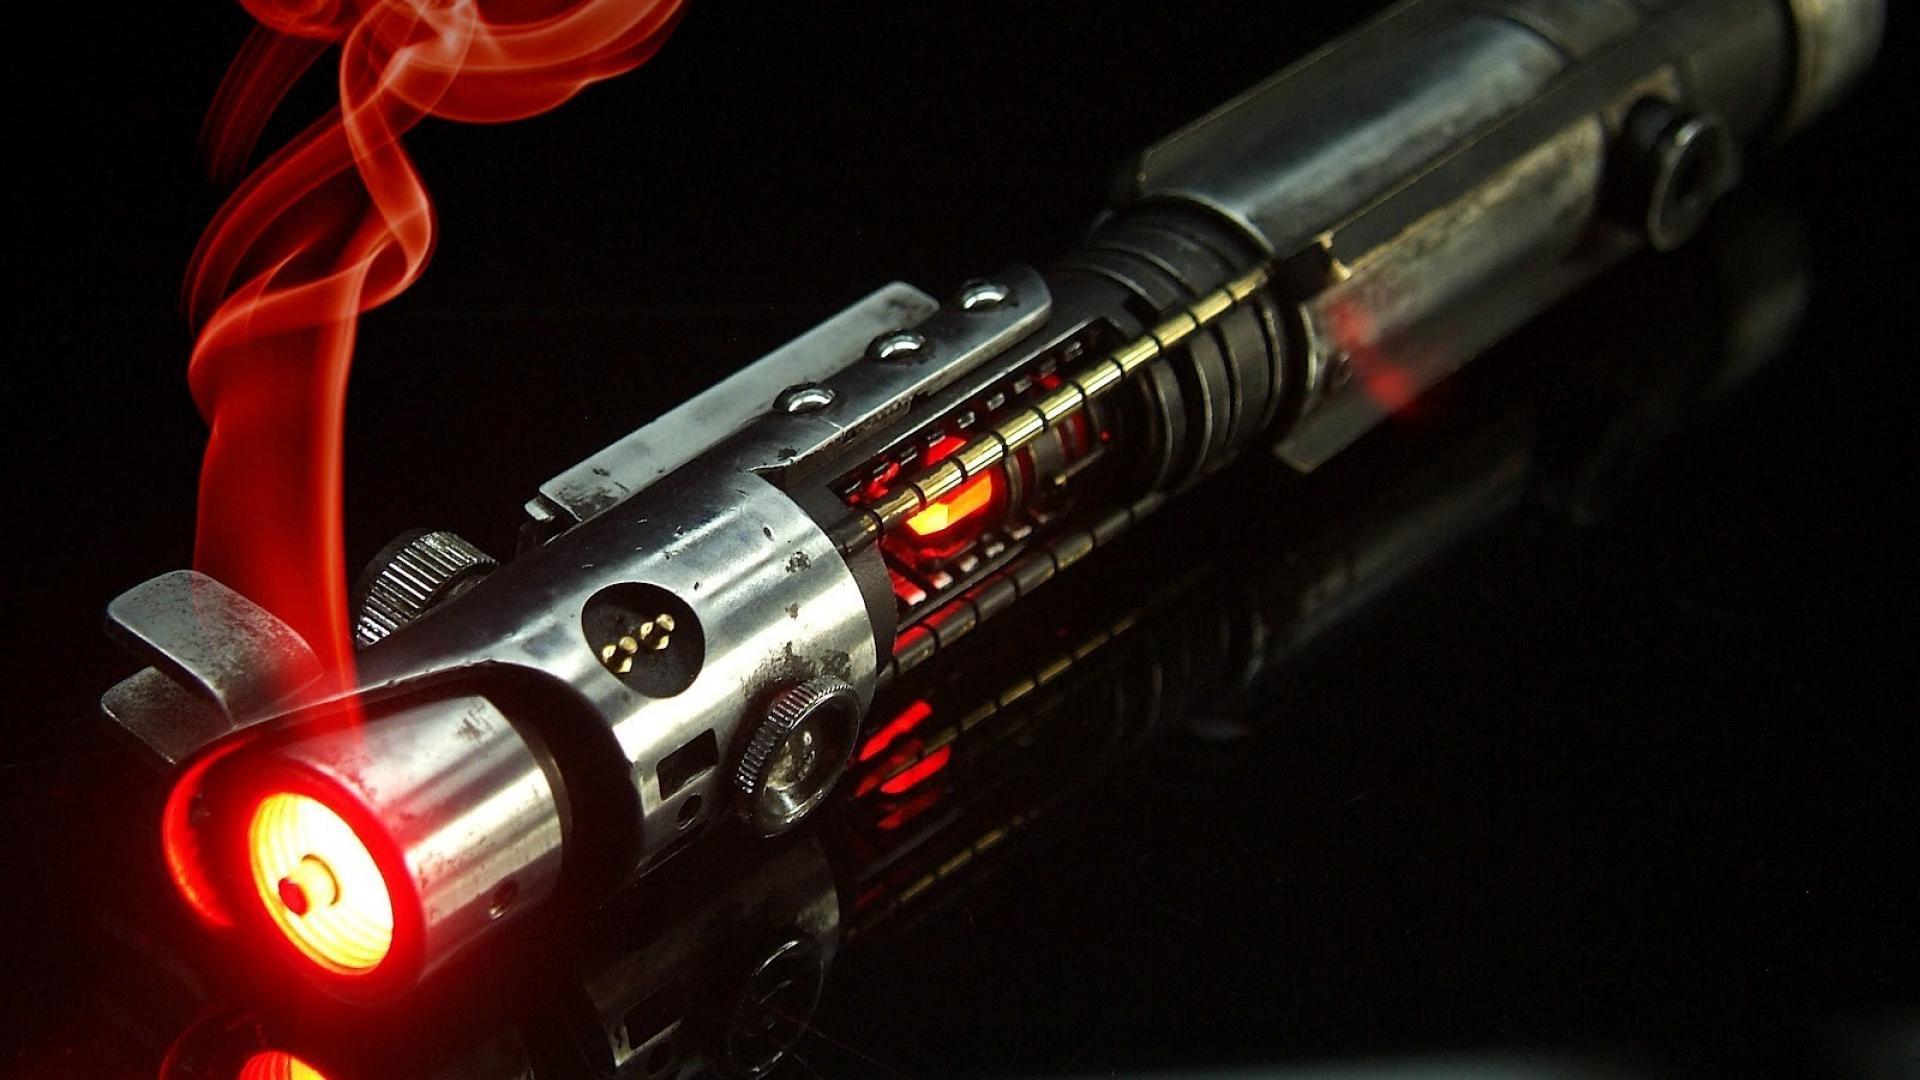 Red lightsabers starkiller hilt wallpaper 60003 1920x1080